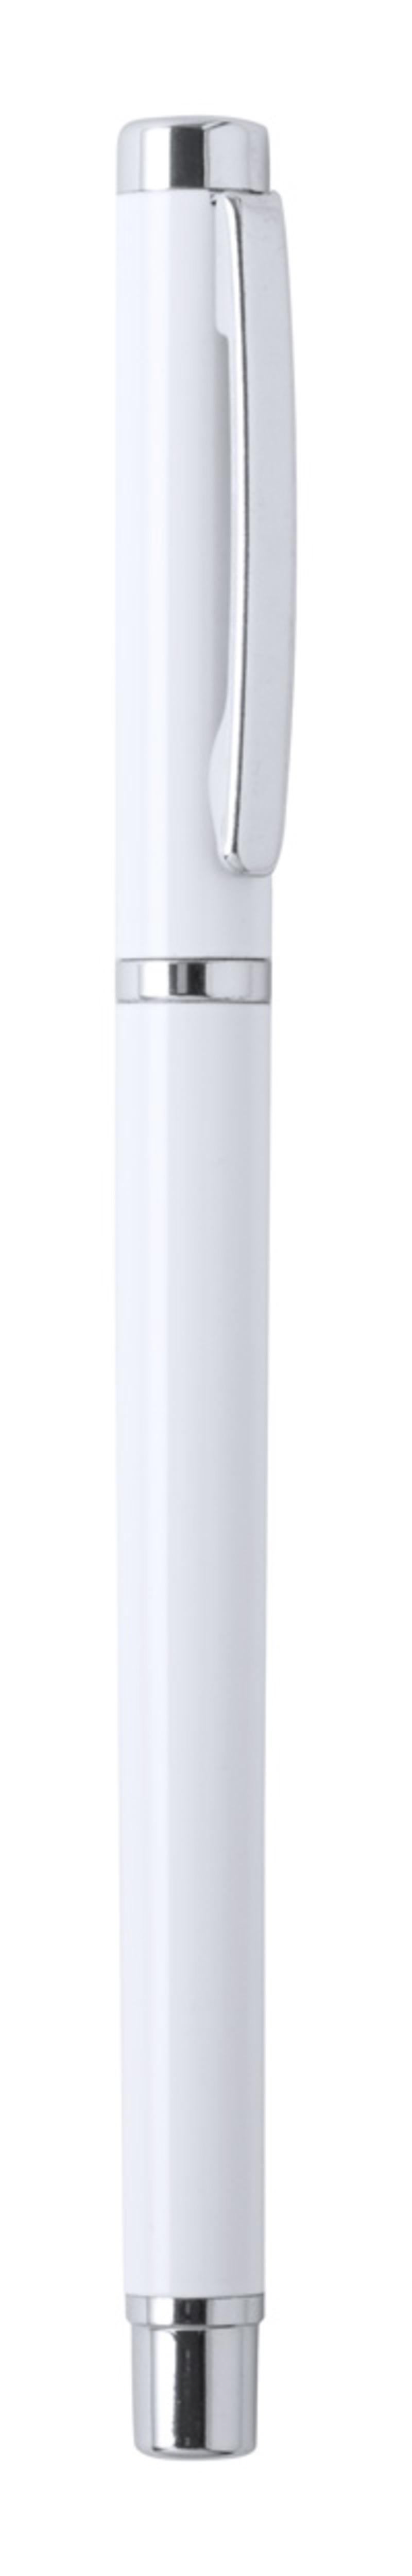 Delbrux roller pen